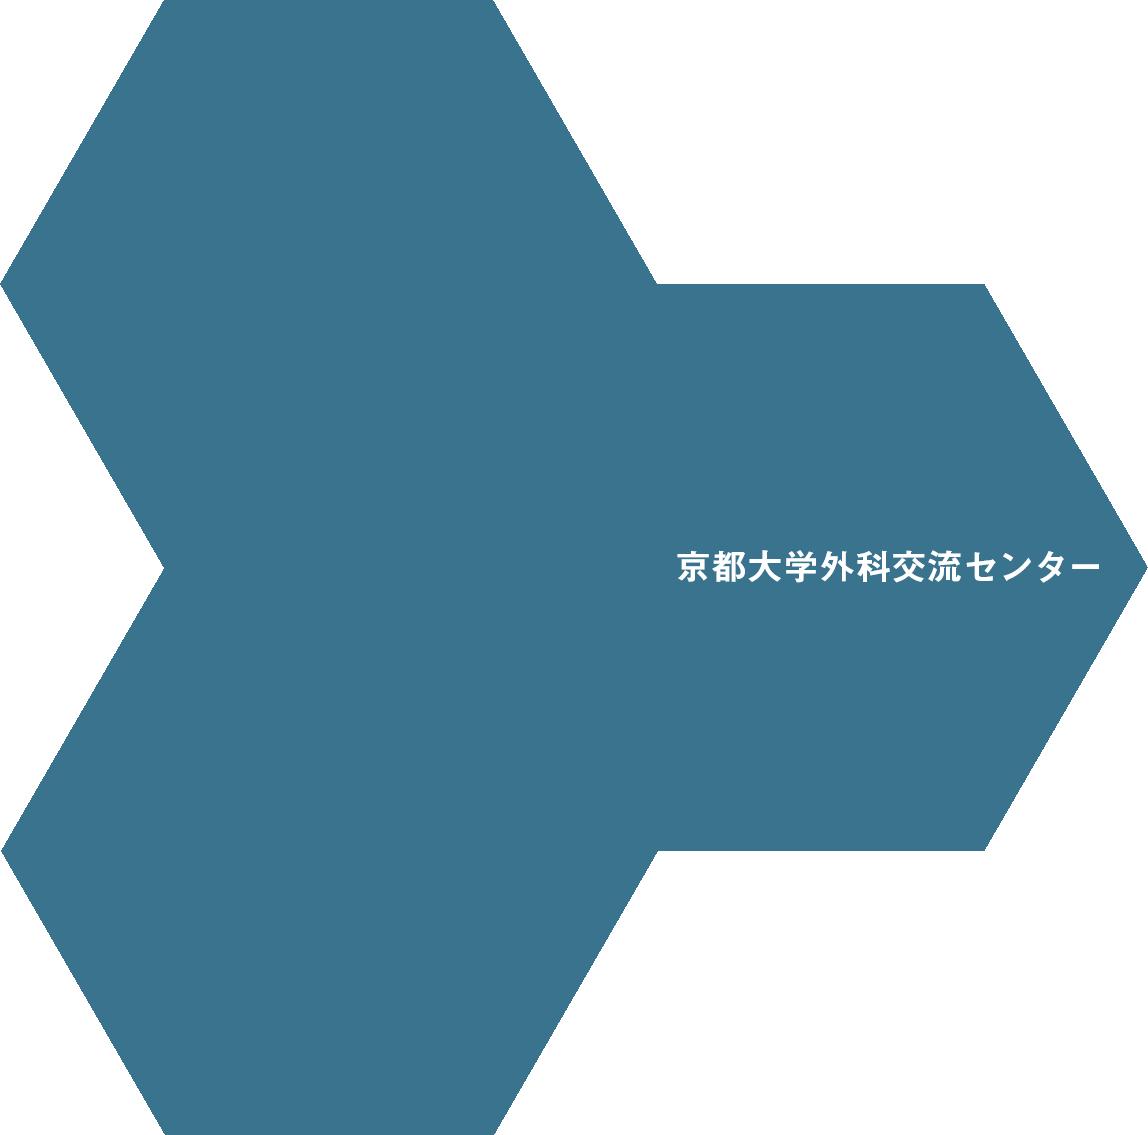 京都大学外科交流センターチャンネル